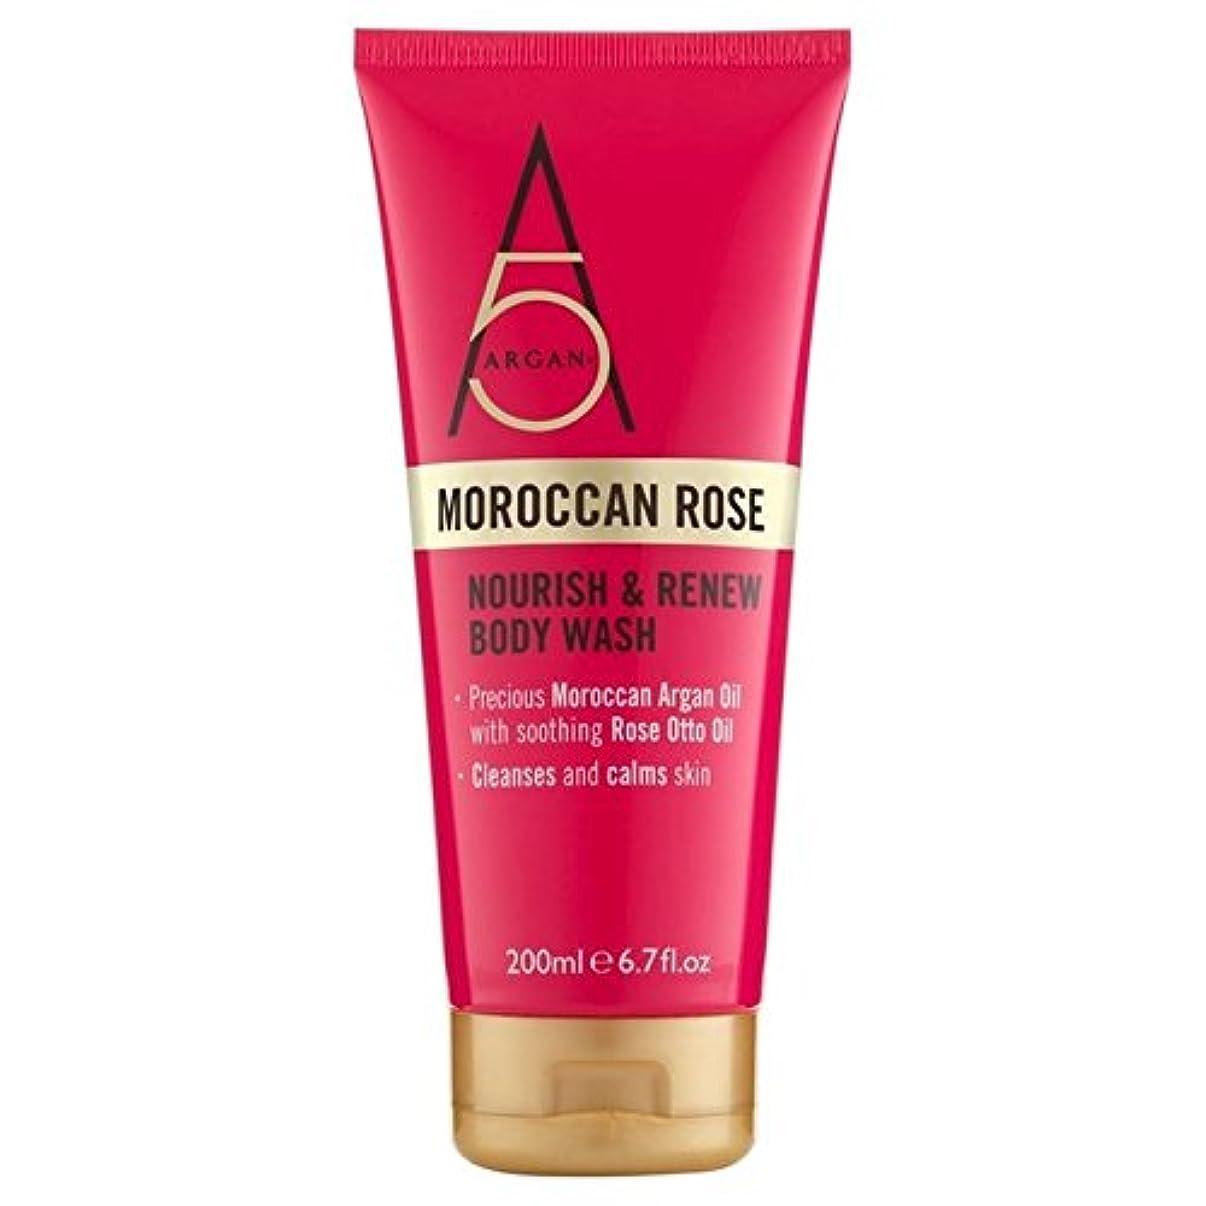 プラスキャベツ解釈するアルガン+モロッコは、ボディウォッシュ300ミリリットルをバラ x2 - Argan+ Moroccan Rose Body Wash 300ml (Pack of 2) [並行輸入品]